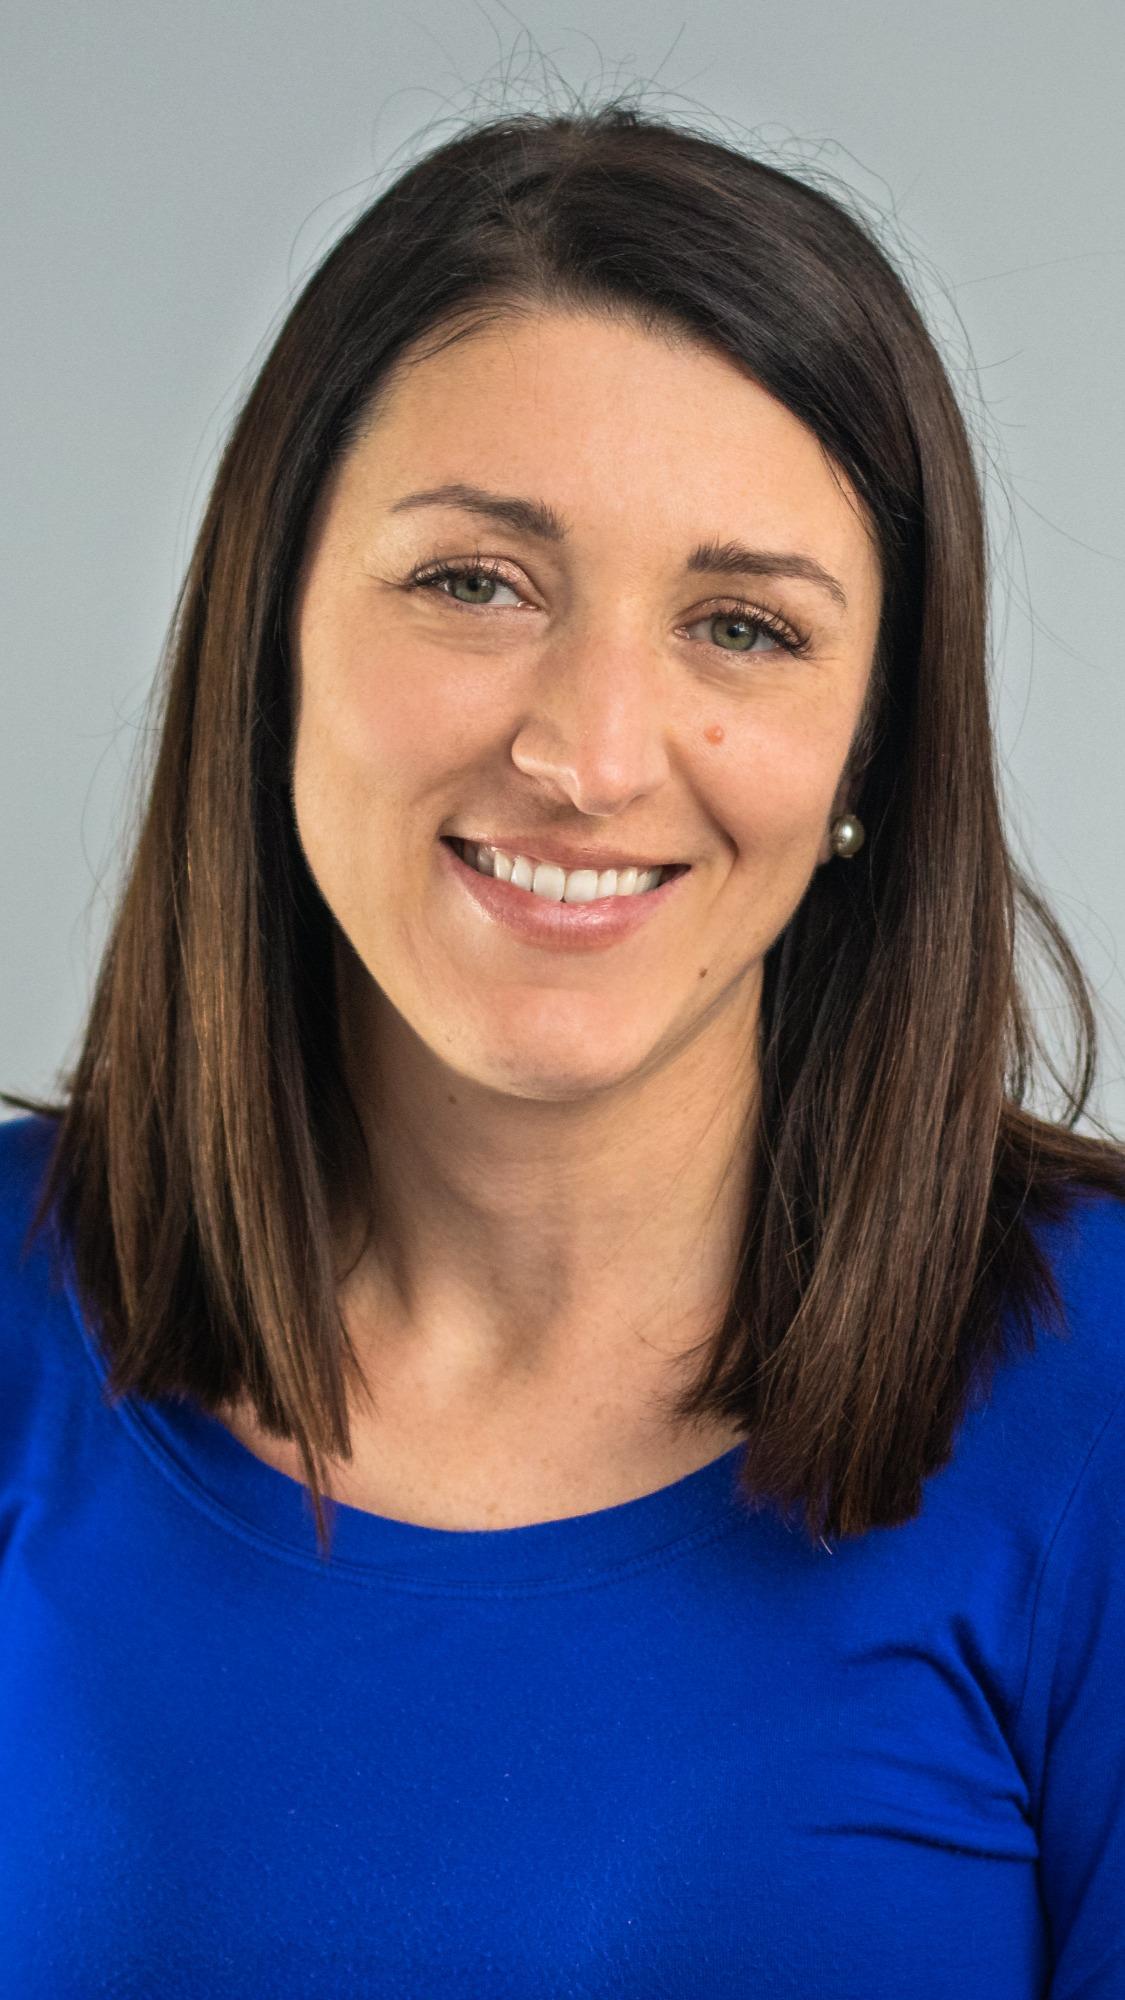 Jennifer Gulas, B.A (Kin), C. Ped (C)